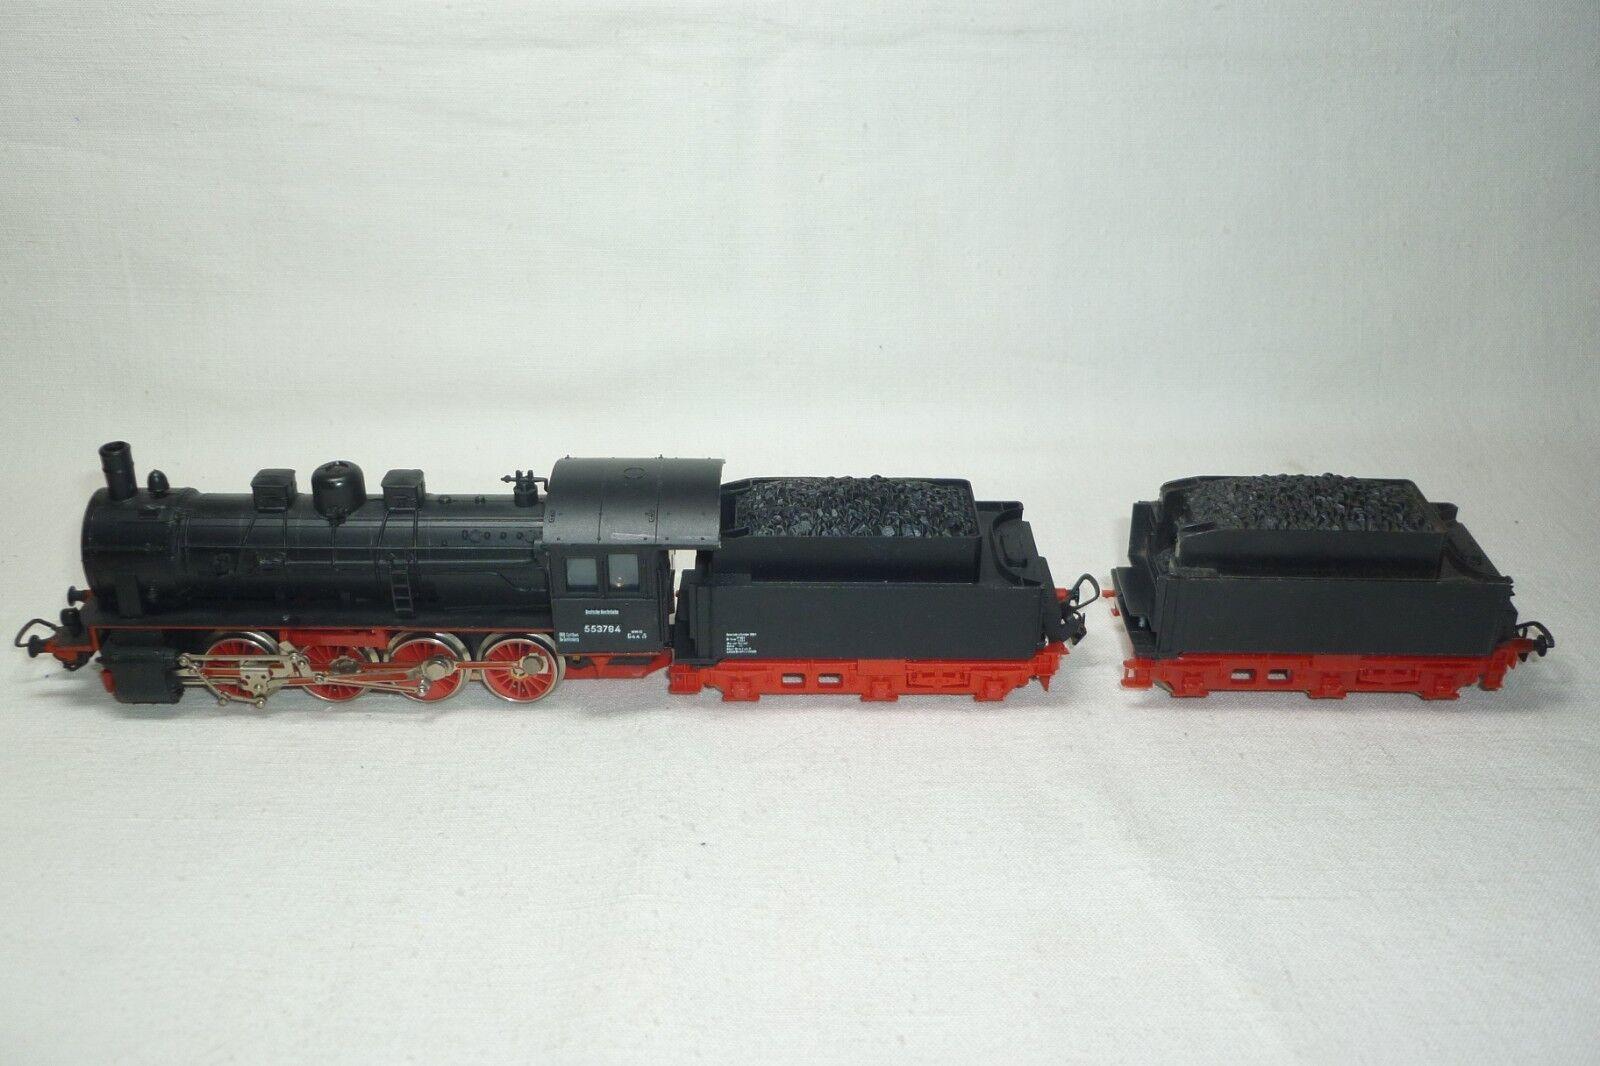 Piko Escala H0 -tender - Locomotora de Vapor Dr 55 3784 con 2 Extensor -